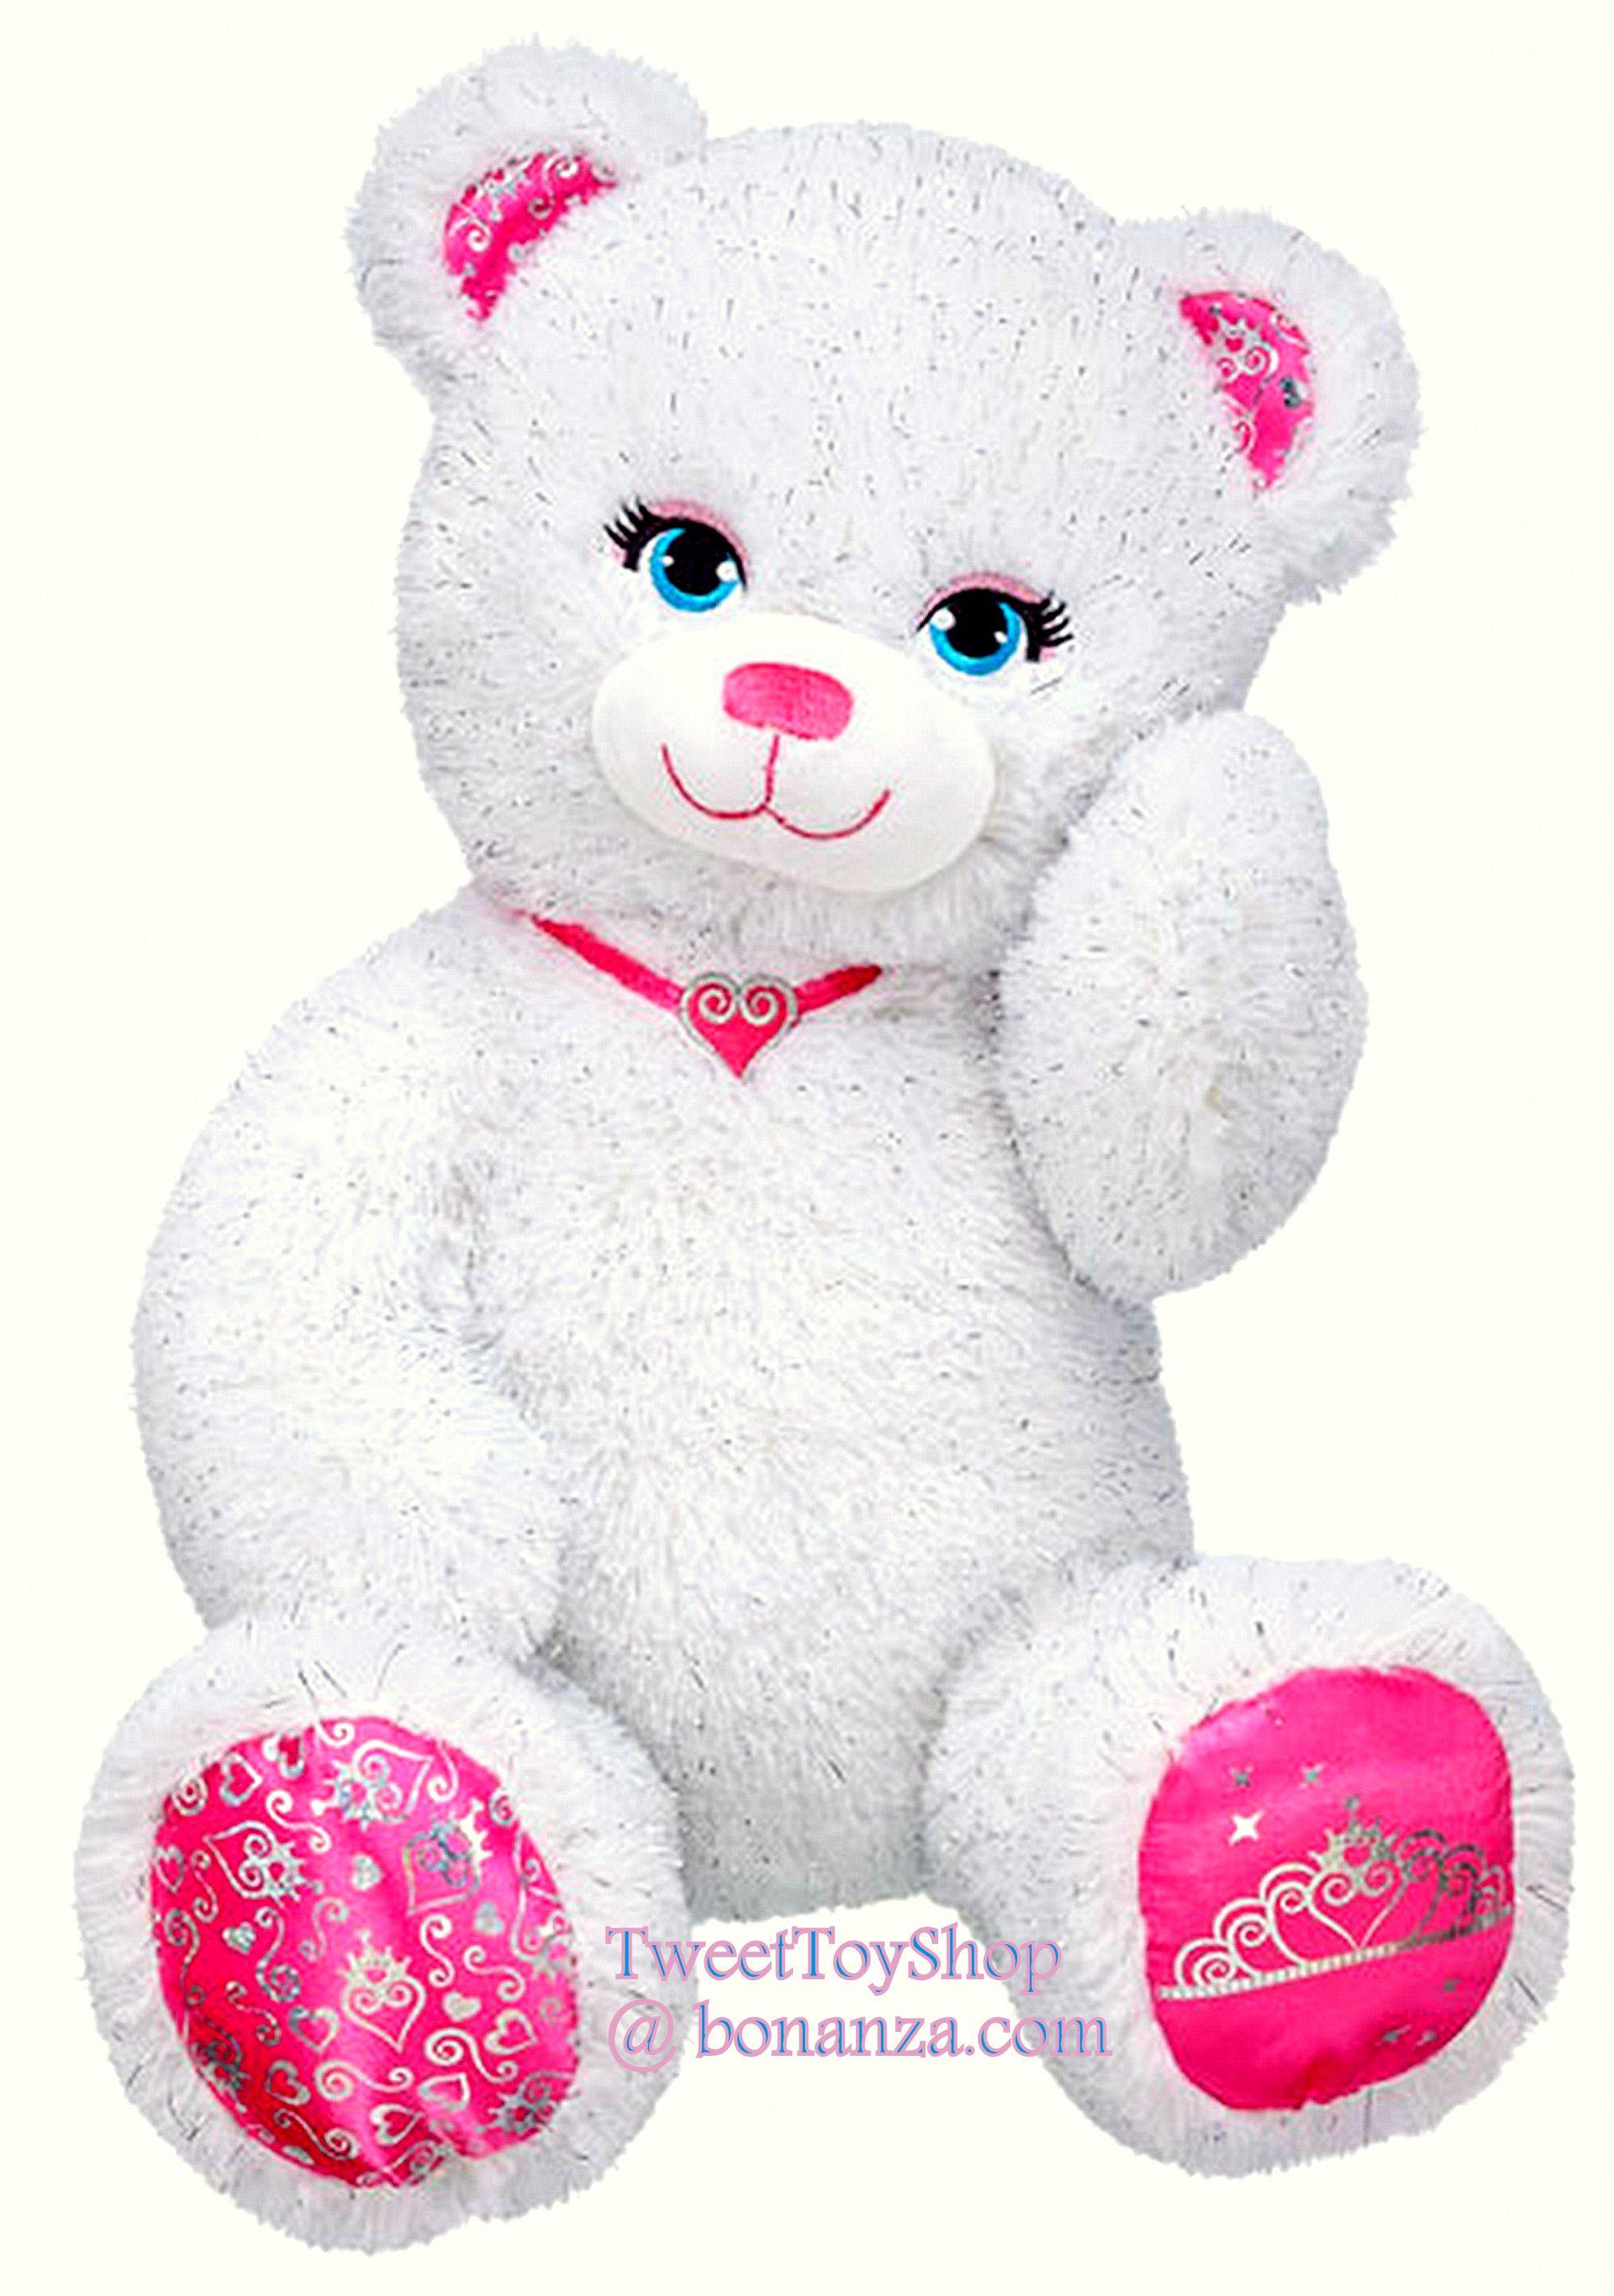 Build a Bear Workshop Sparkly Pawrincess Teddy Princess Themed Stuffed ...